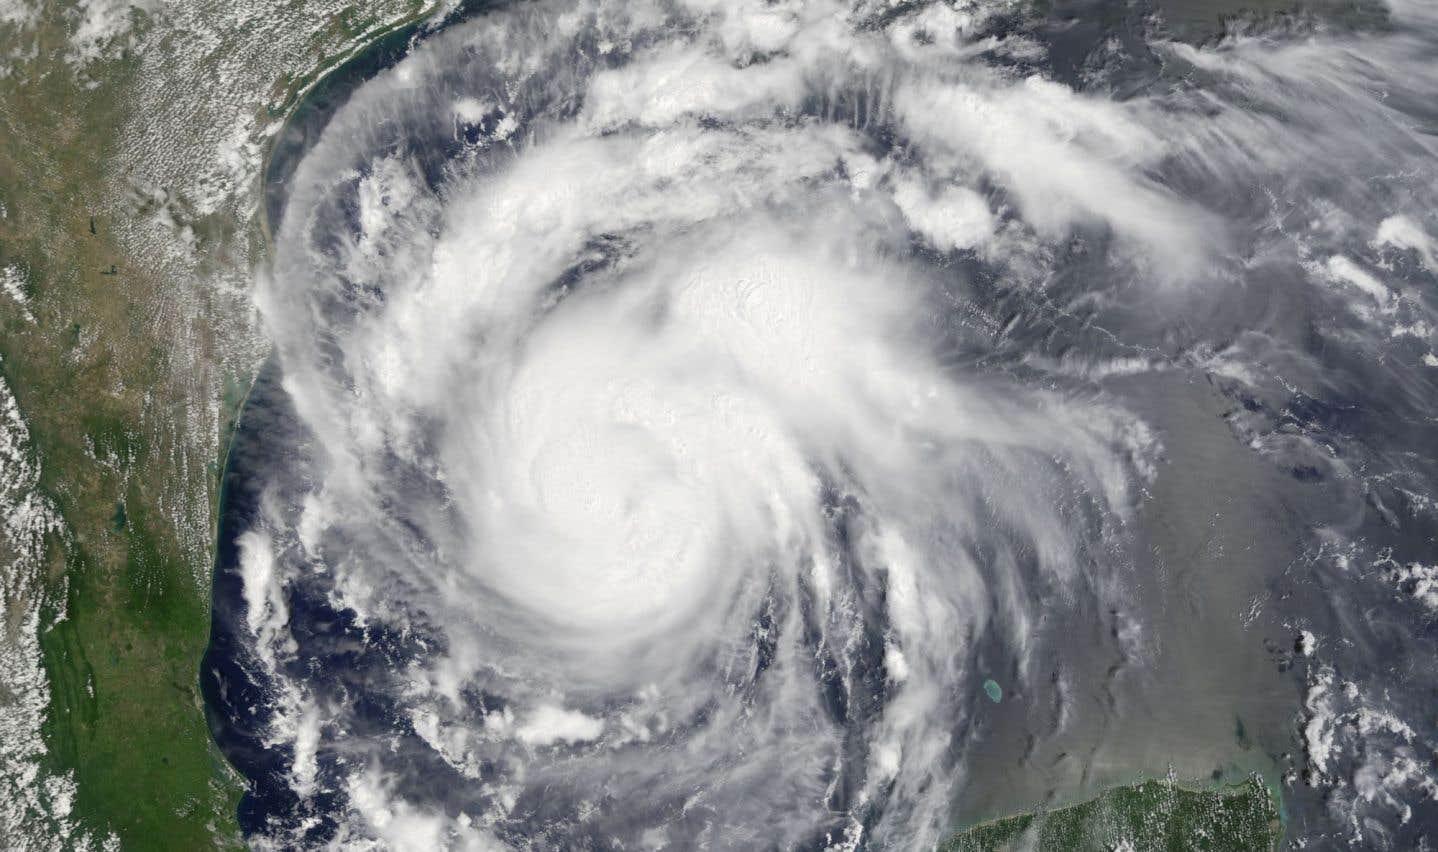 Texas et Louisiane se préparent à affronter l'ouragan «Harvey»